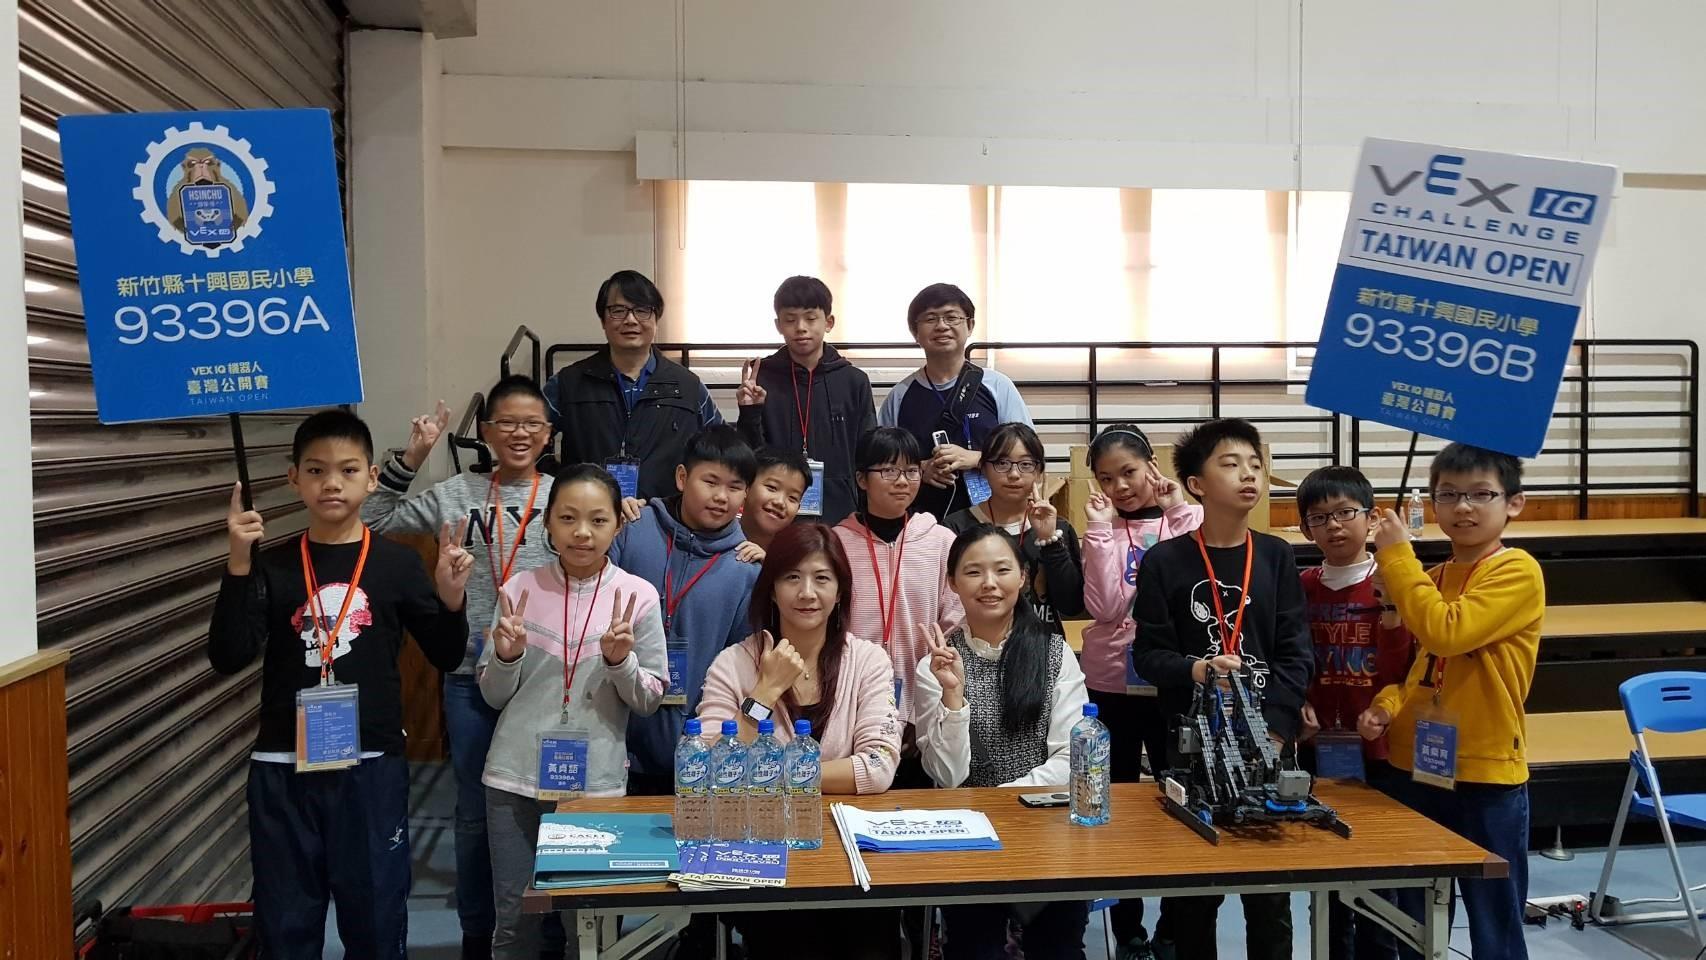 李昆璉帶學生參加vex機器人國內賽_大圖